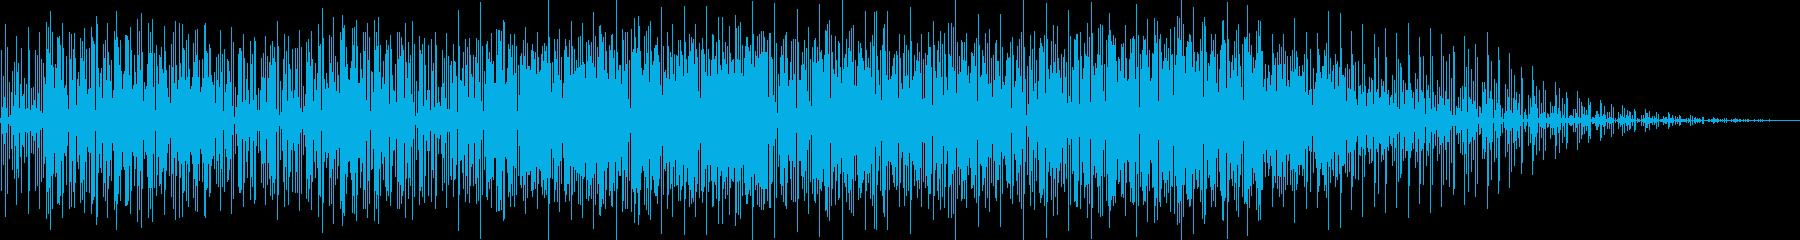 サバイバルなイメージの曲の再生済みの波形